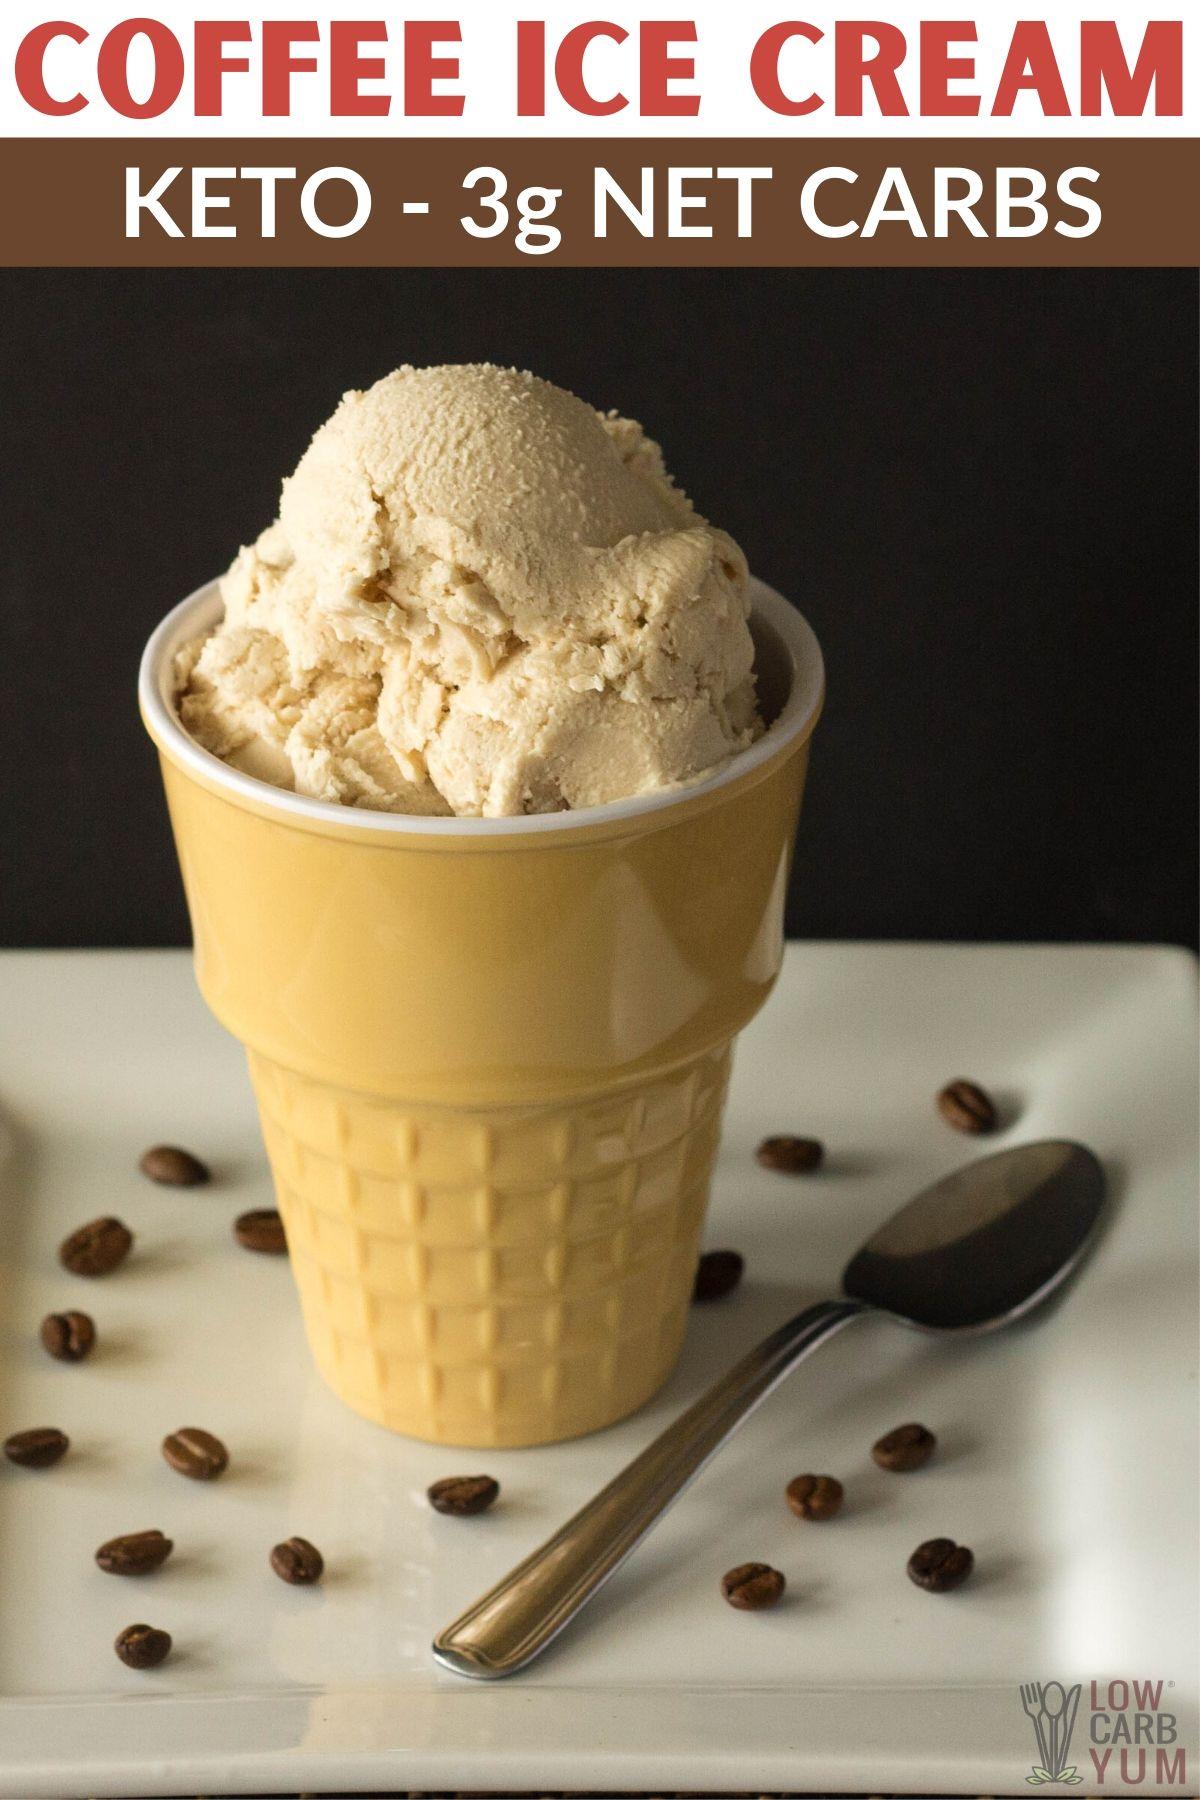 Keto Coffee Ice Cream Recipe No Eggs In 2020 Keto Coffee Recipe Coffee Ice Cream Low Carb Recipes Dessert